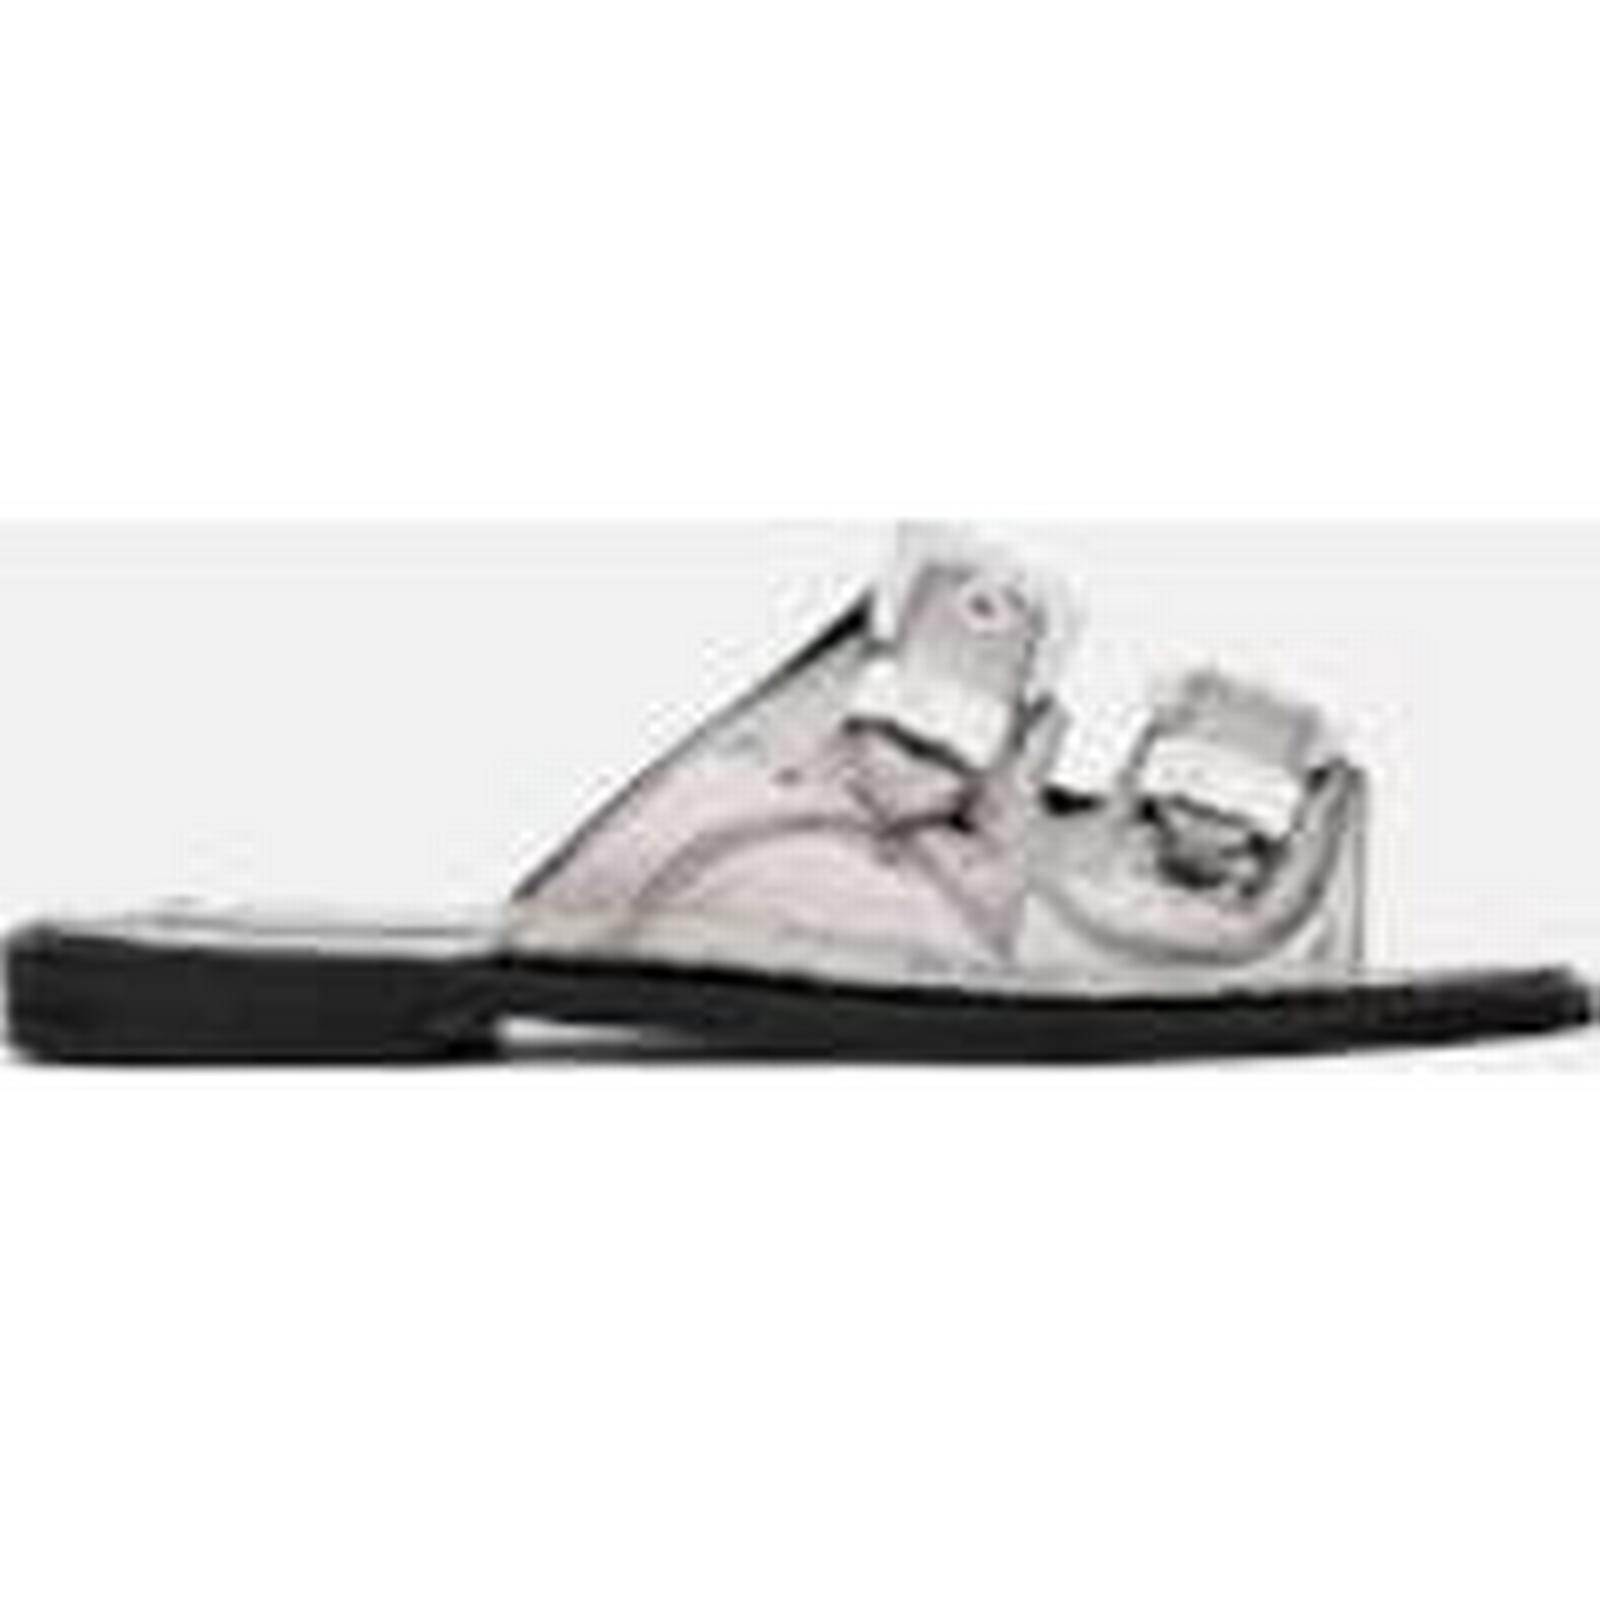 McQ Alexander Slide McQueen Women's Moon Buckle Slide Alexander Sandals - Silver - UK 4 - Silver 23b53e